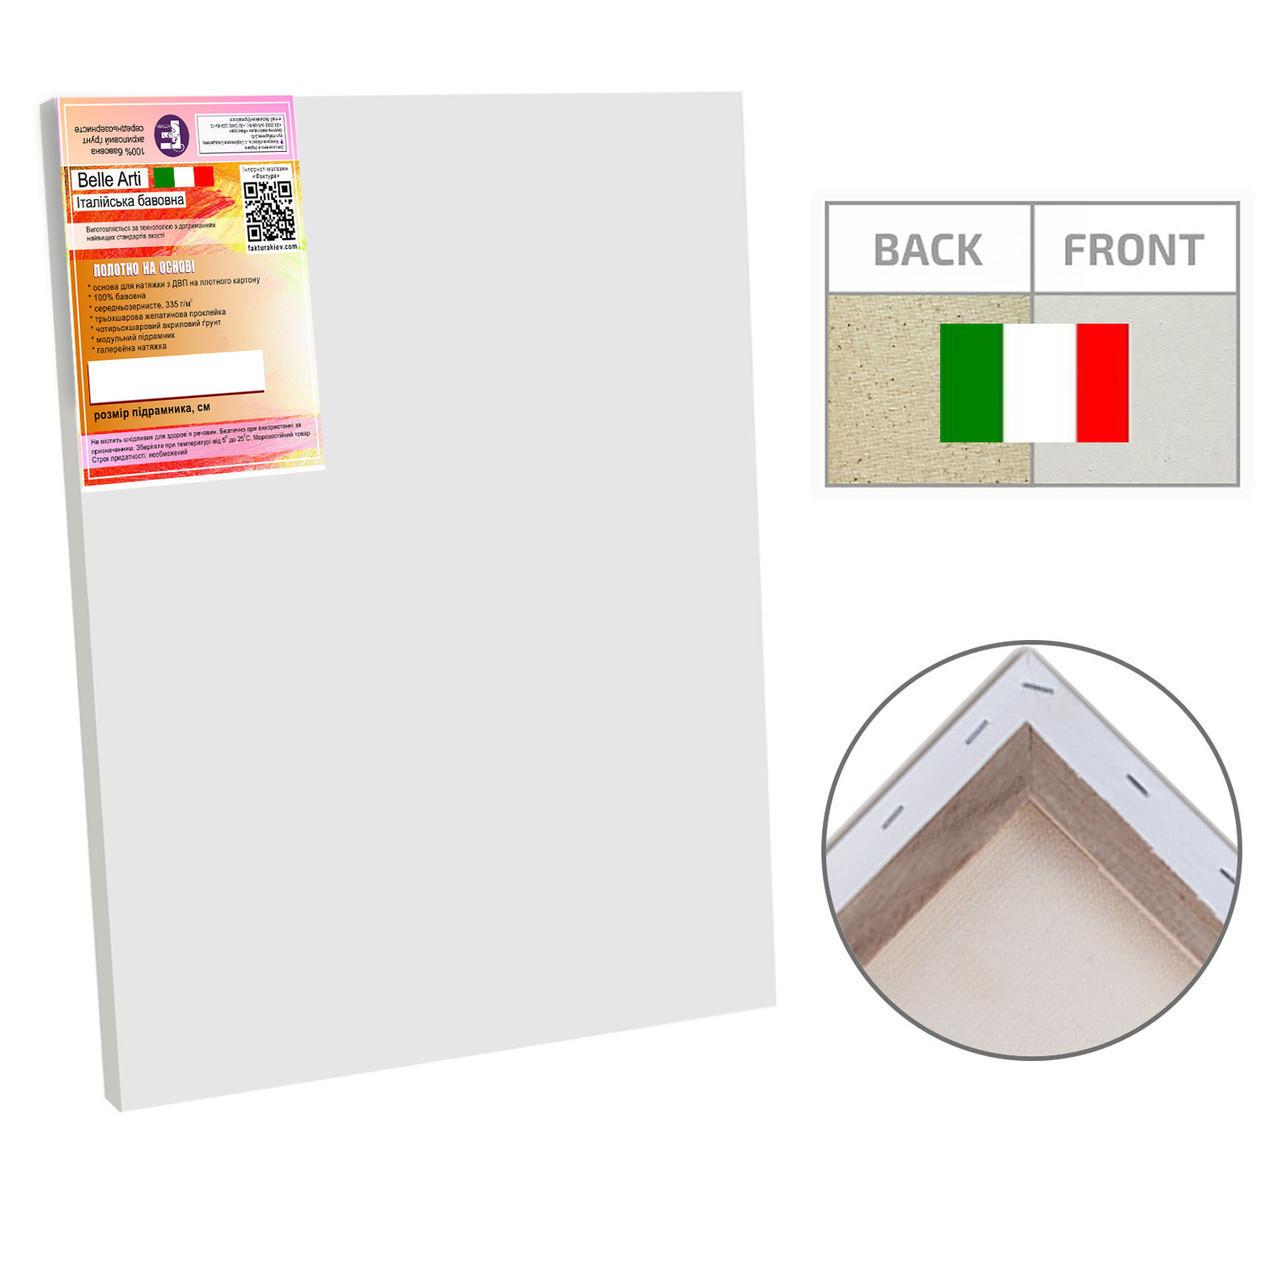 Холст на подрамнике Factura BelleArti 70х80см Итальянский хлопок 285 грамм кв.м. среднее зерно белый